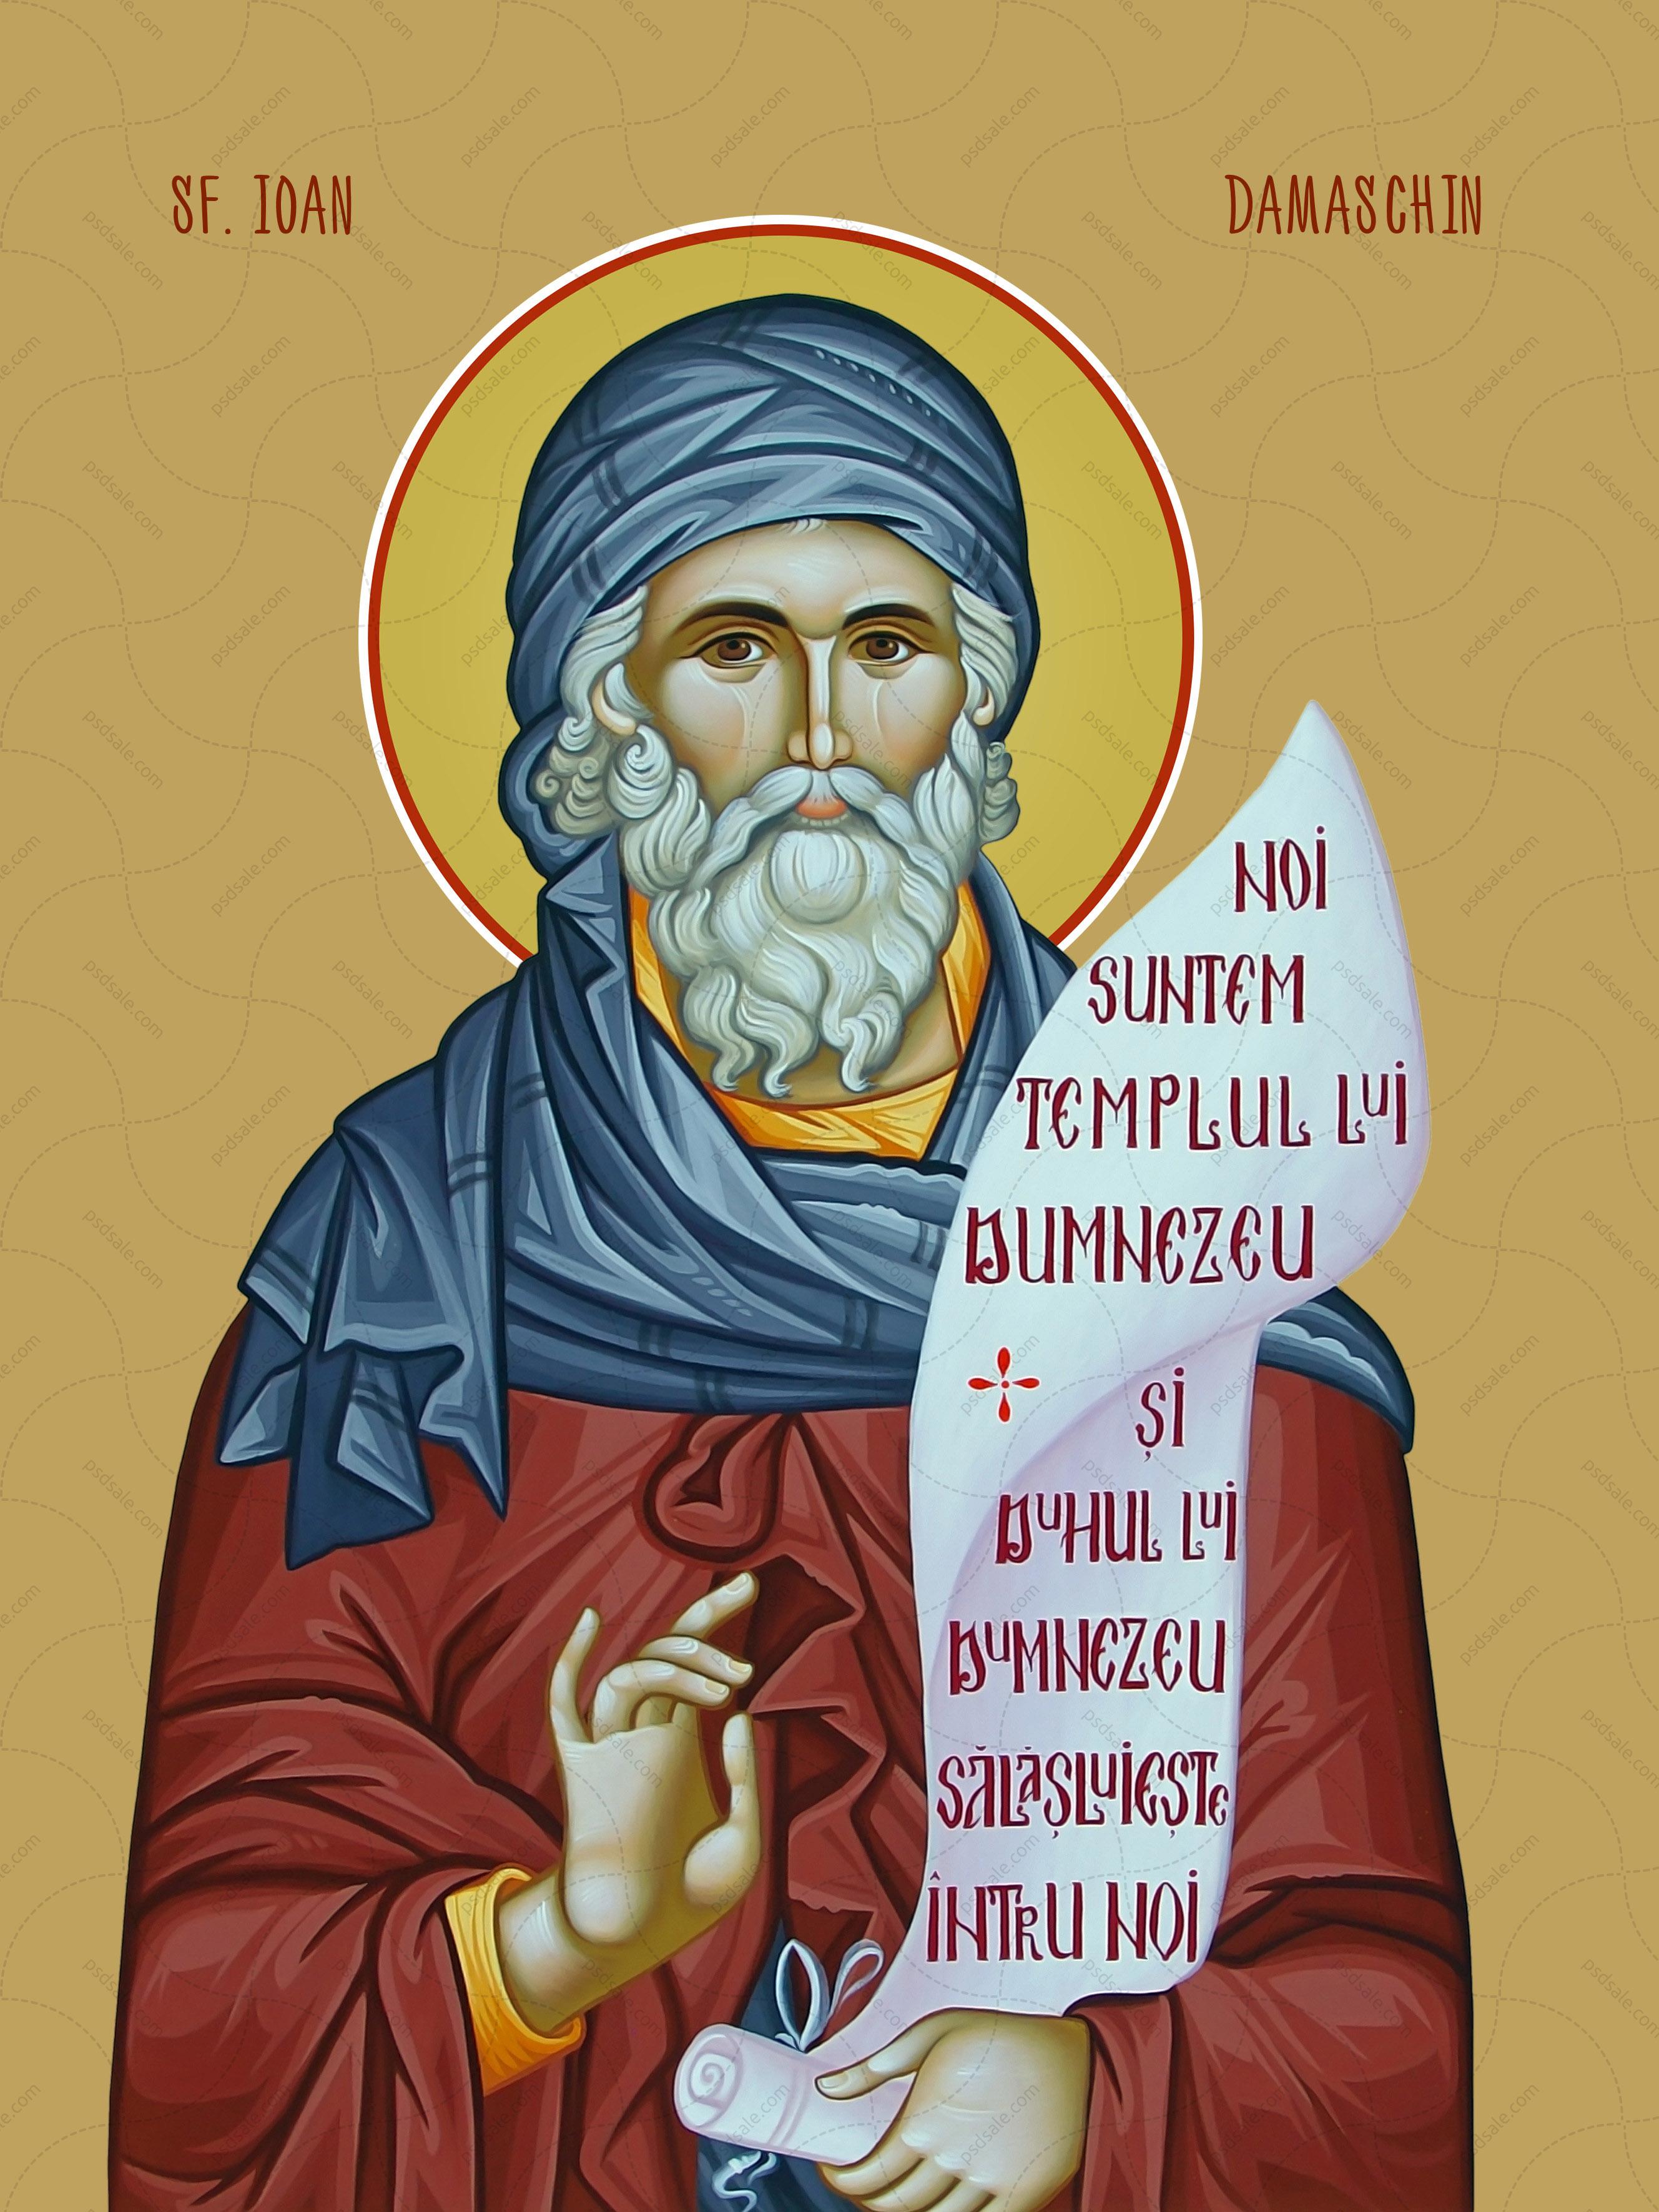 Иоанн Дамаскин / Sf. Ioan Damaschin